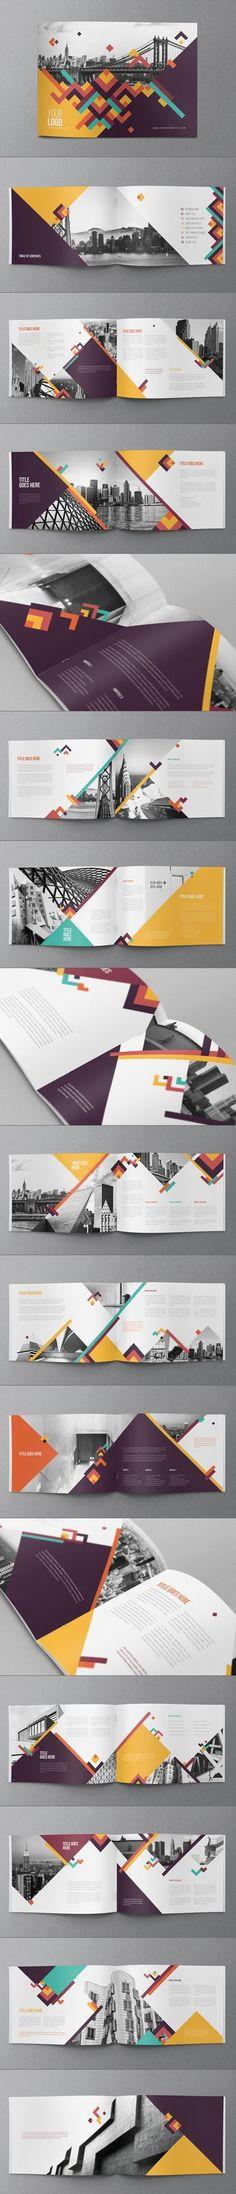 Uso de diagonales en diseño editorial.